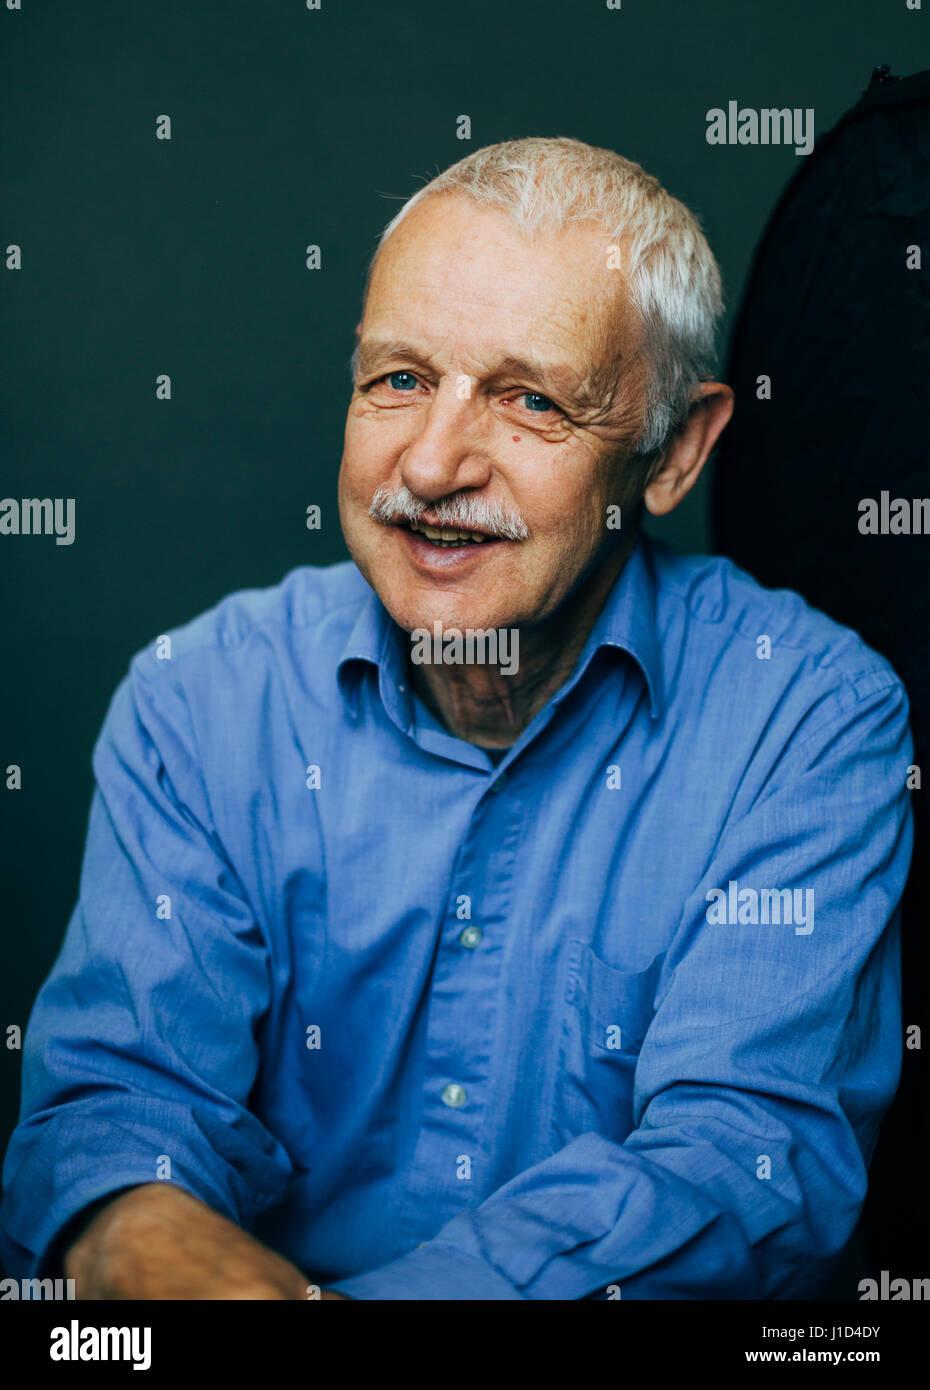 old man smiling - Stock Image